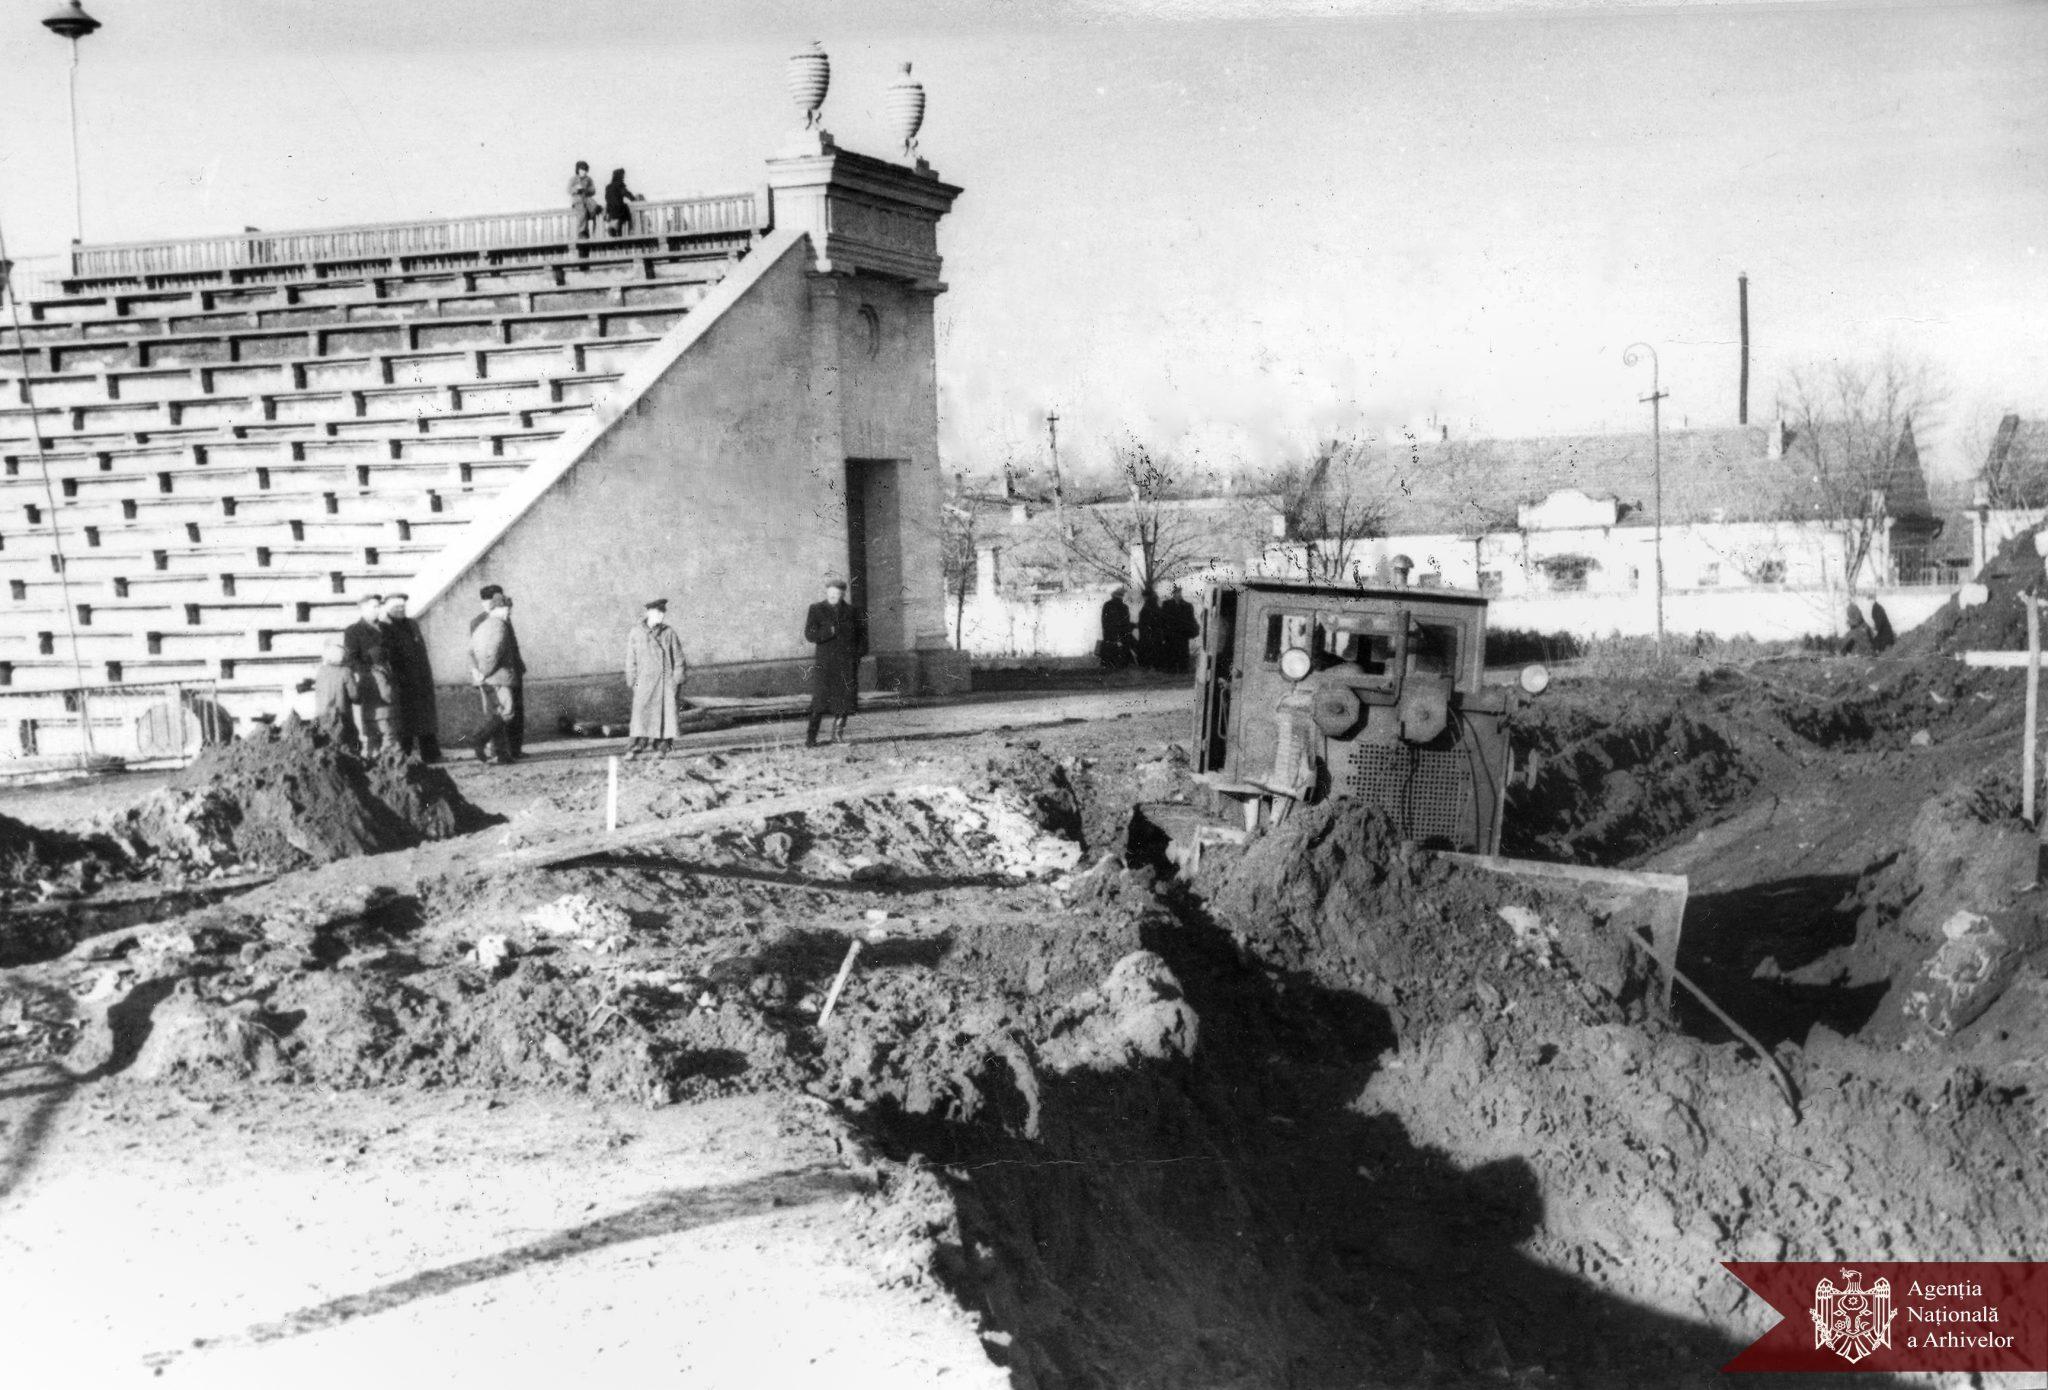 Как выглядел Республиканский стадион 70лет назад? Госархив опубликовал подборку фотографий